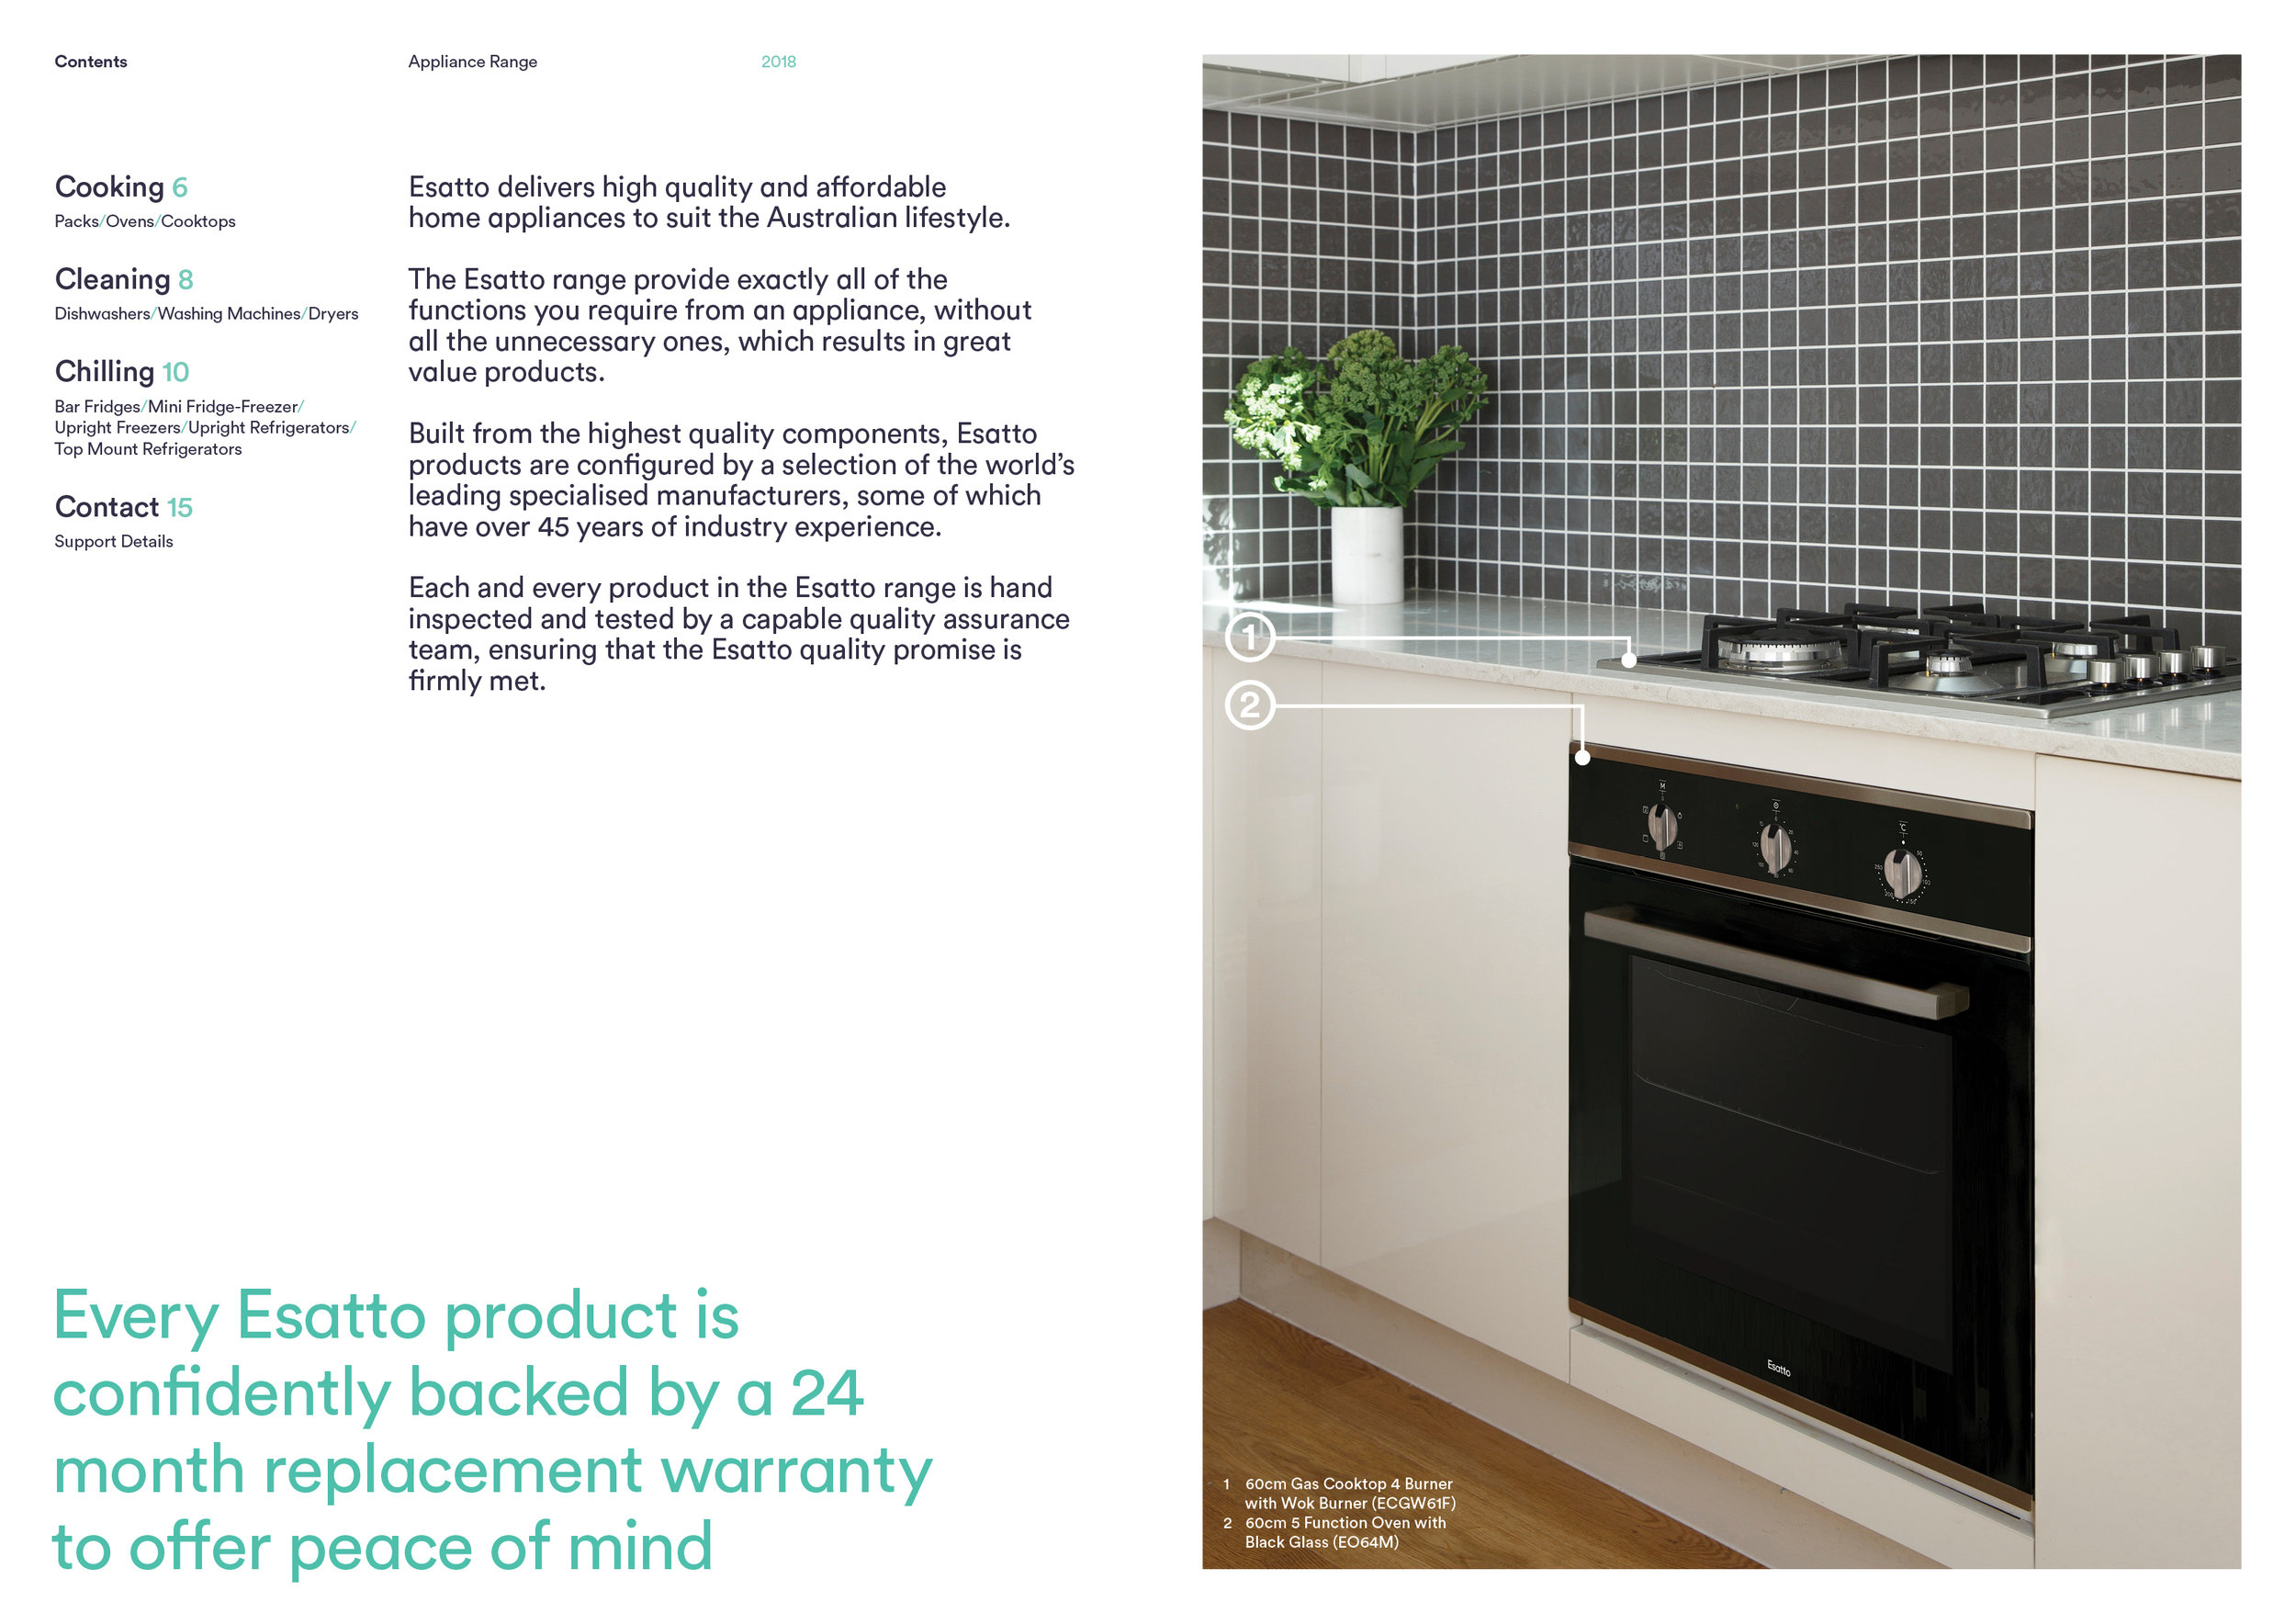 RG_Esatto-ApplianceRange_2018-SP4.jpg